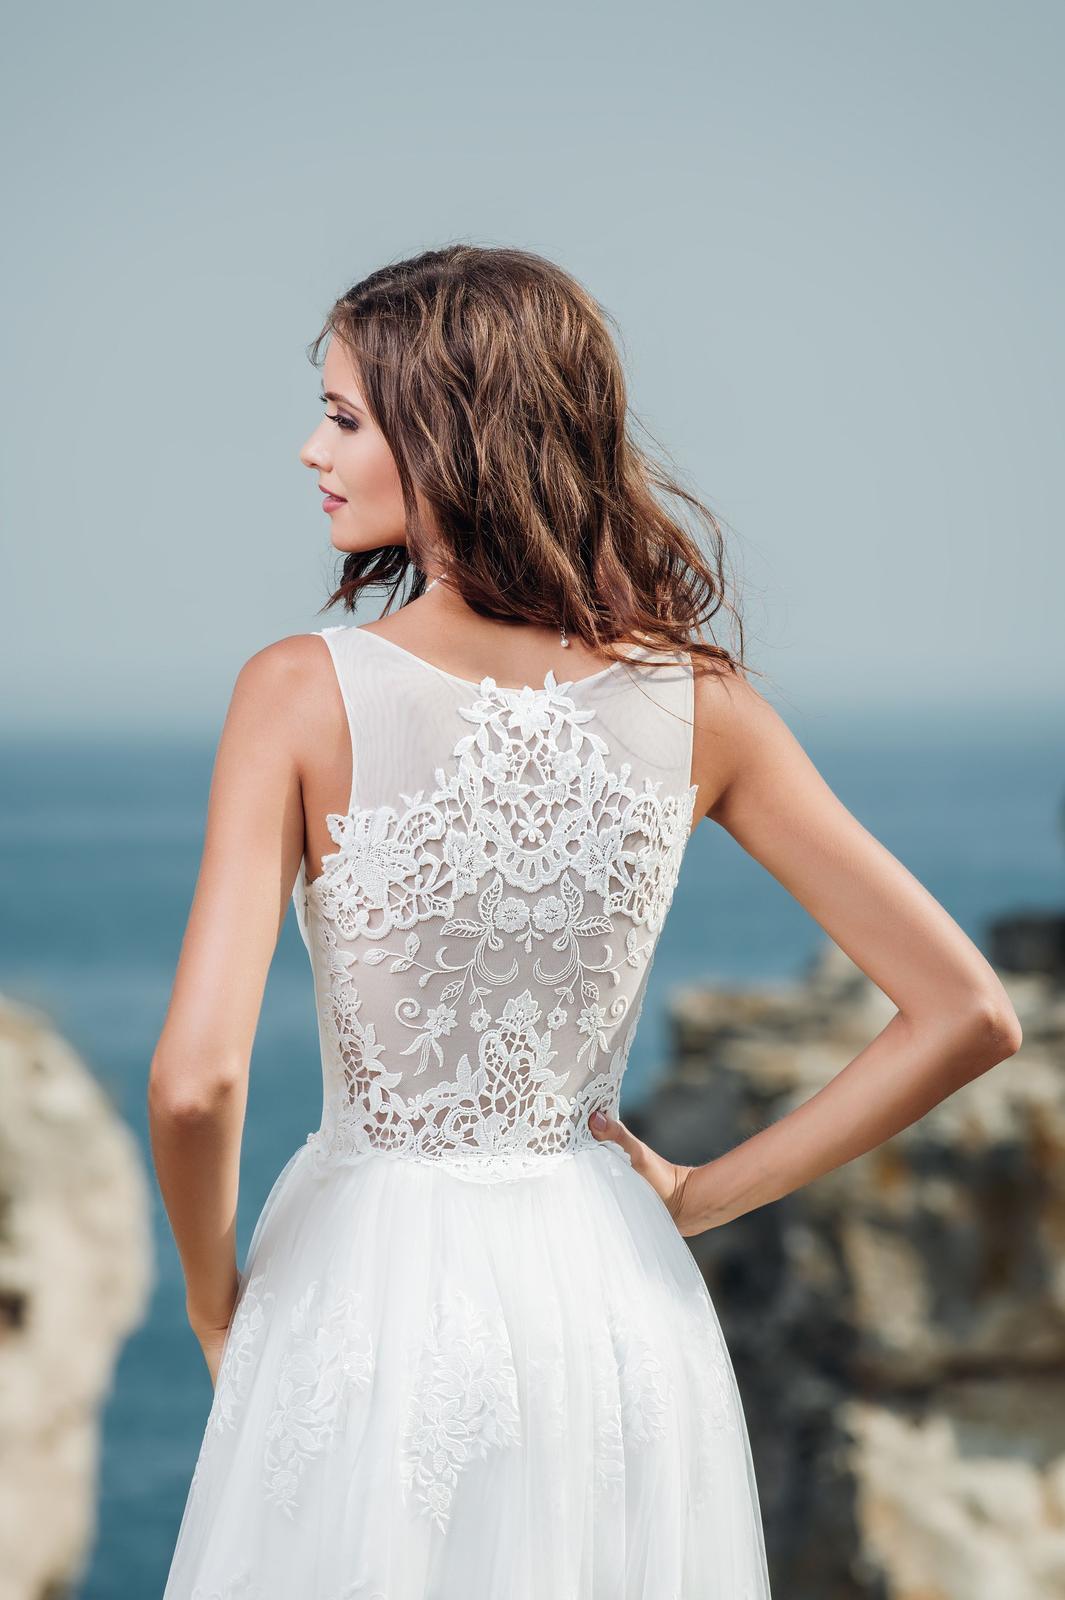 922ddbcab Jednoduché svadobné šaty s čipkovaným živôtikom , 36 - 651 ...